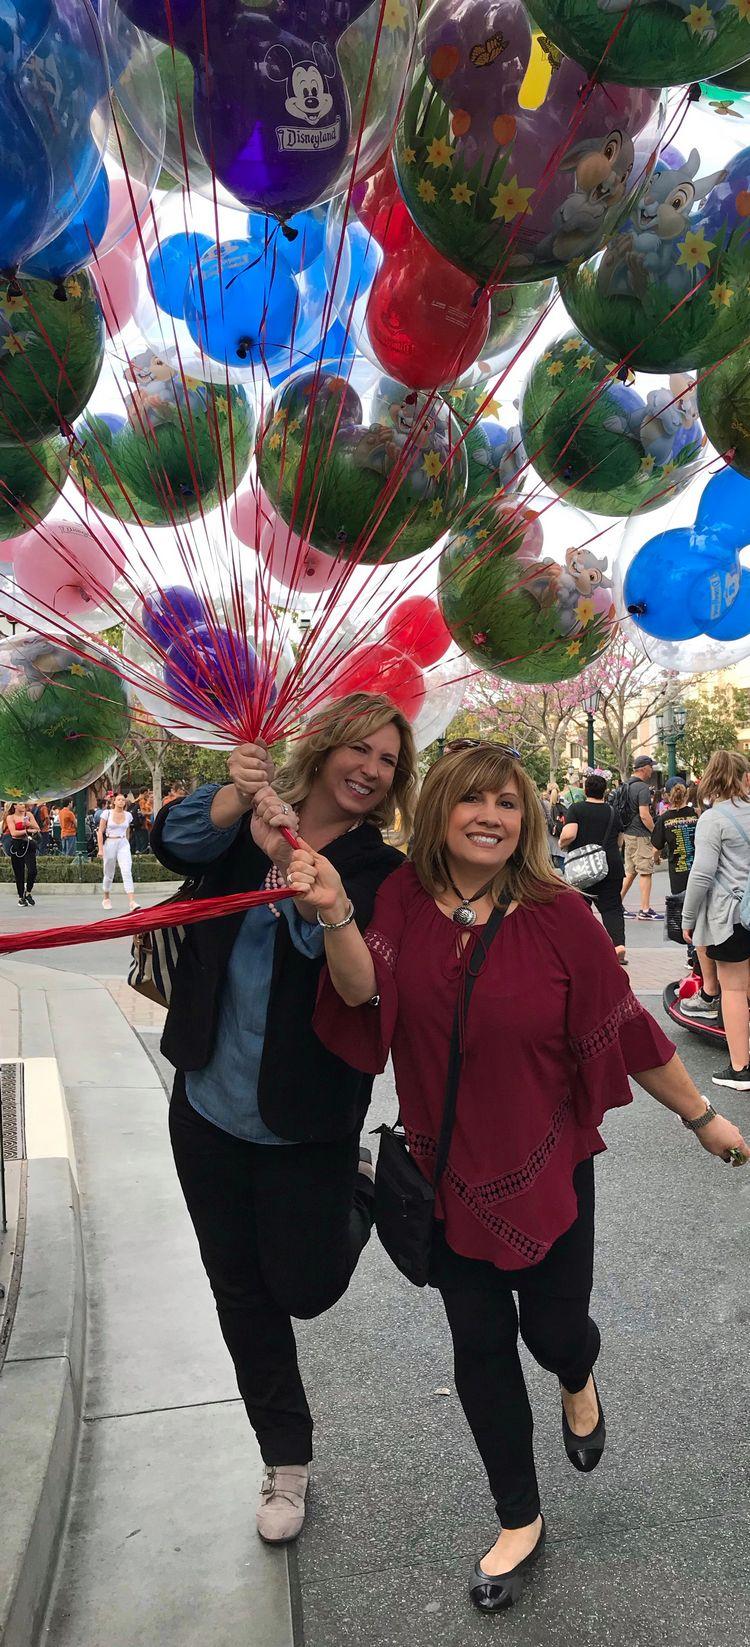 Zanne & JD go to Disneyland! WhereGalsWander